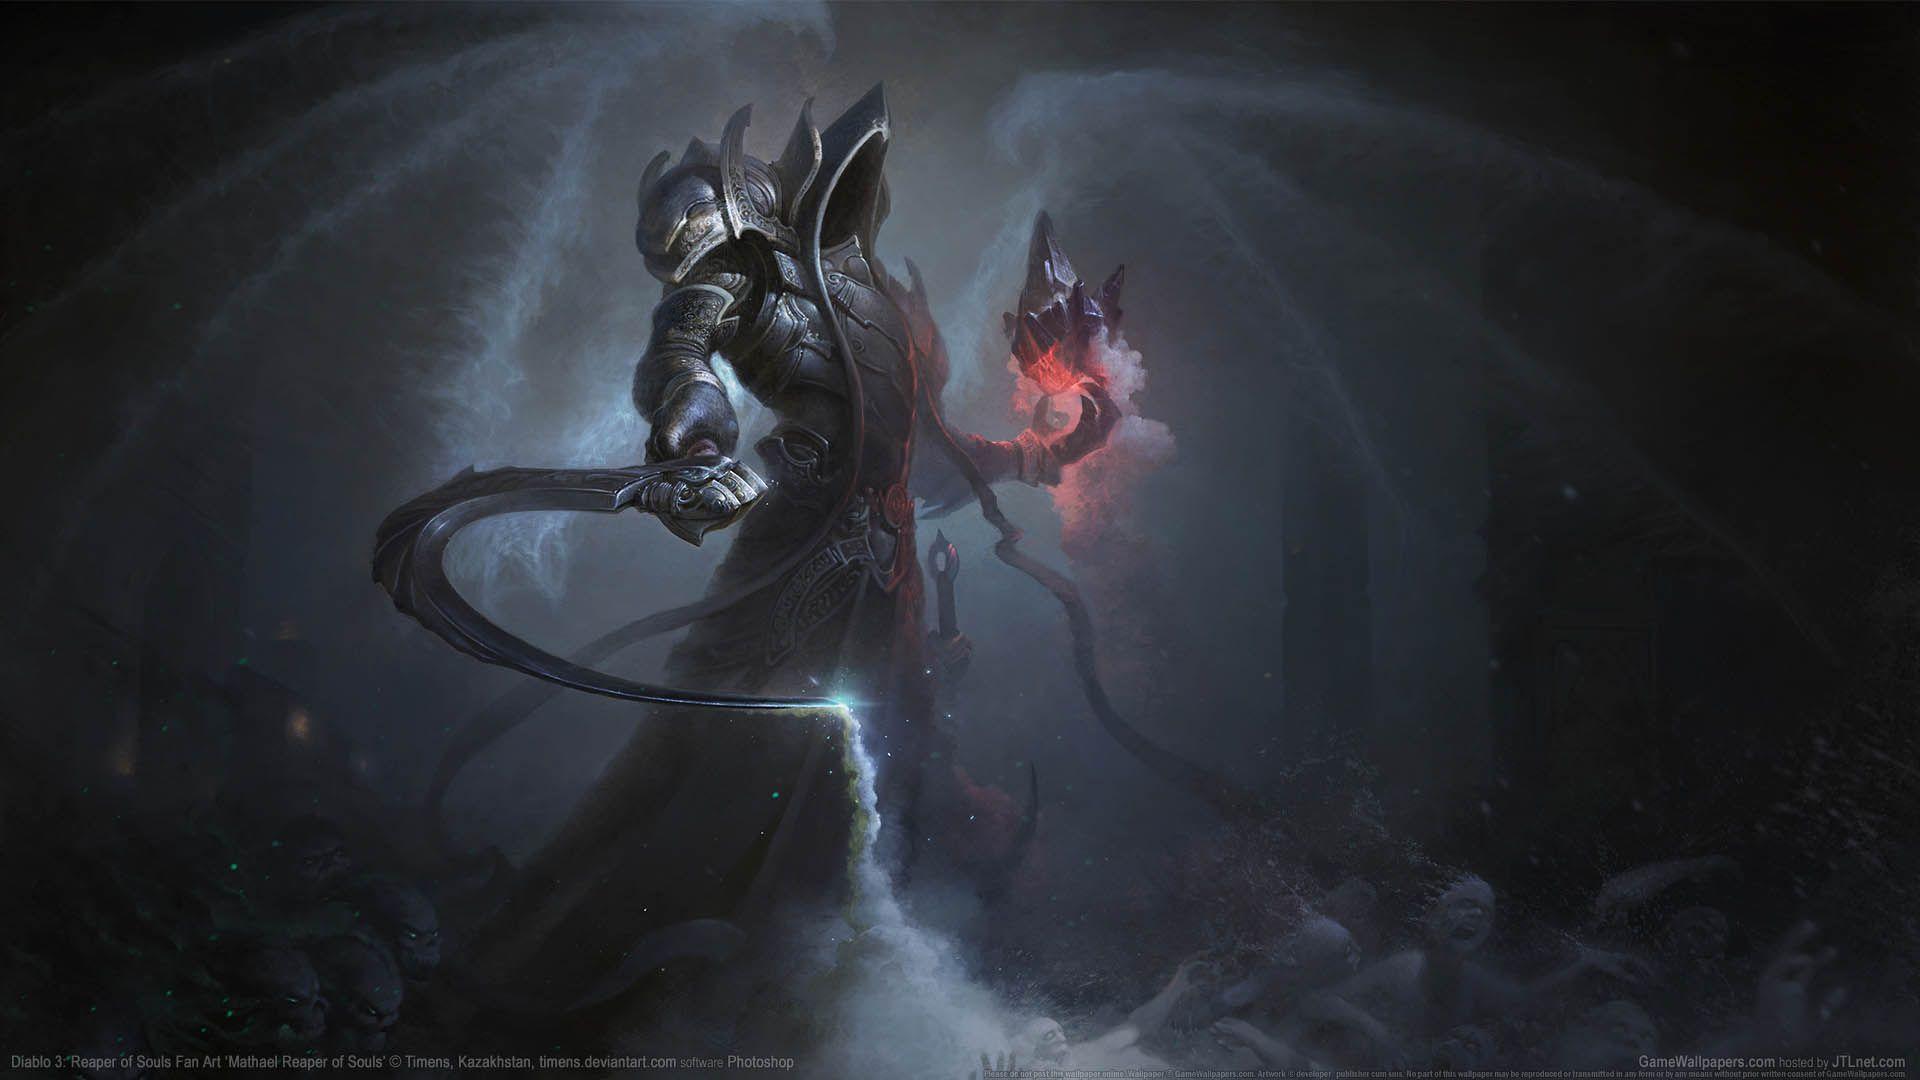 Diablo 3 Reaper of Souls Fan Art wallpaper 11